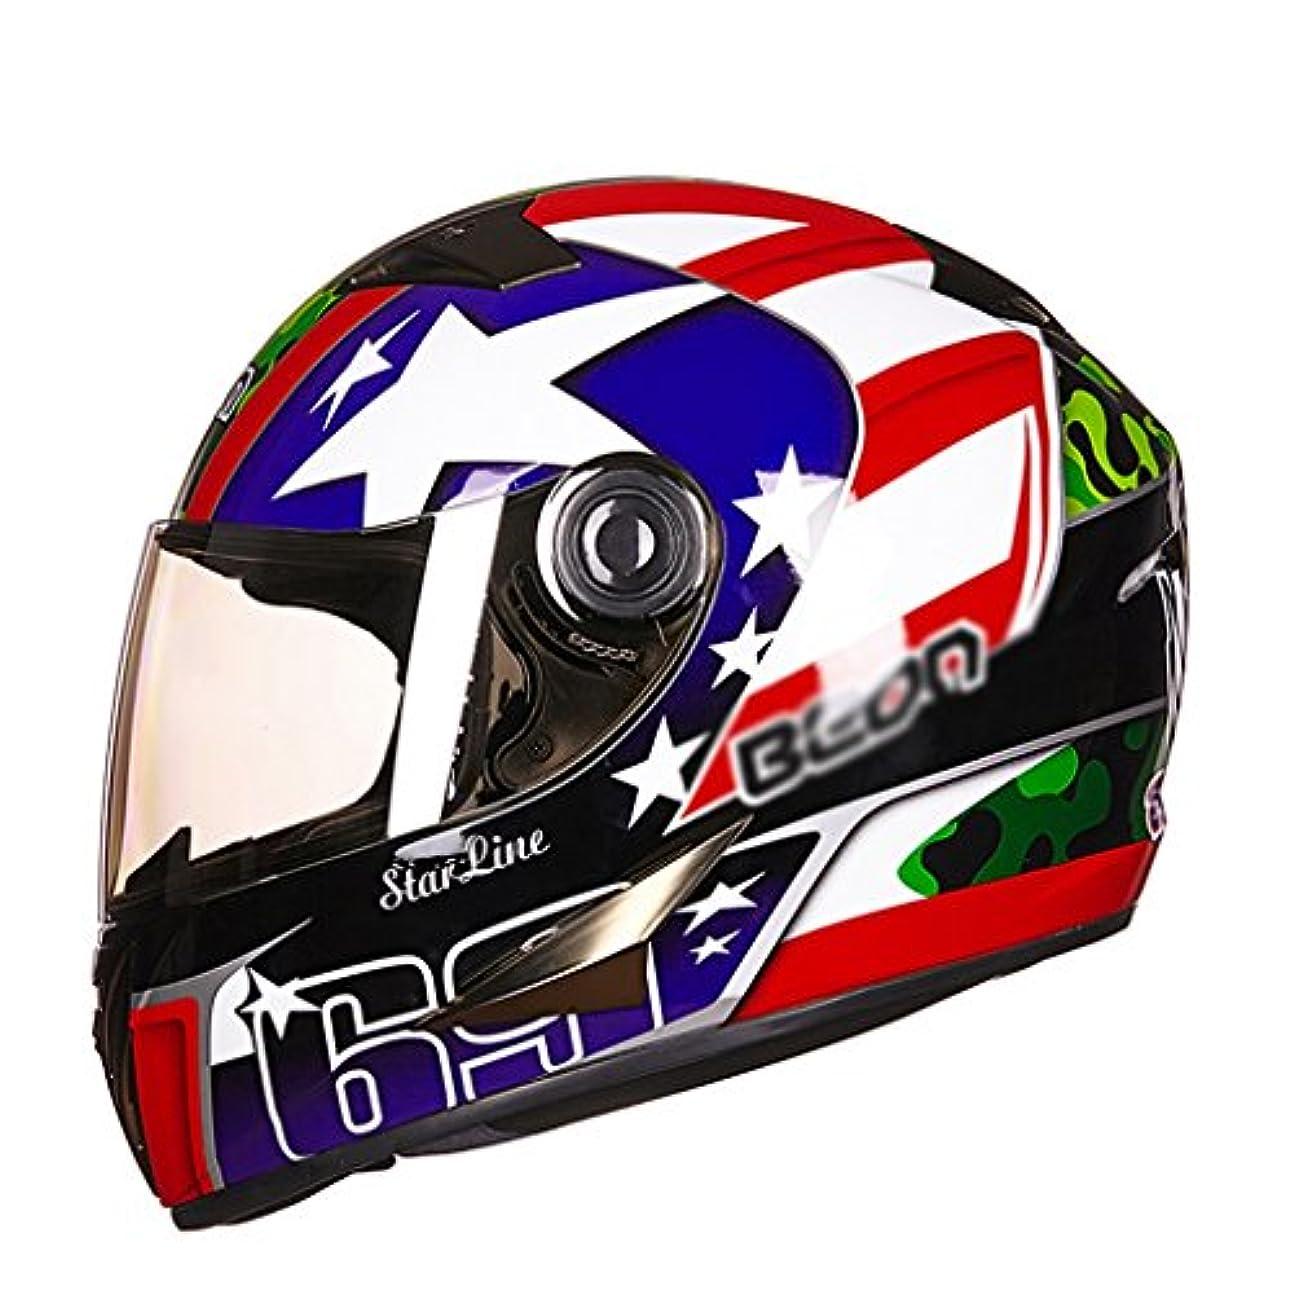 顧問れるパラシュート男性と女性のためのパーソナライズオートバイヘルメットフルカバレッジヘルメットオートバイフルヘルメットレースオートバイヘルメット (Color : Blue - Red, Size : L)